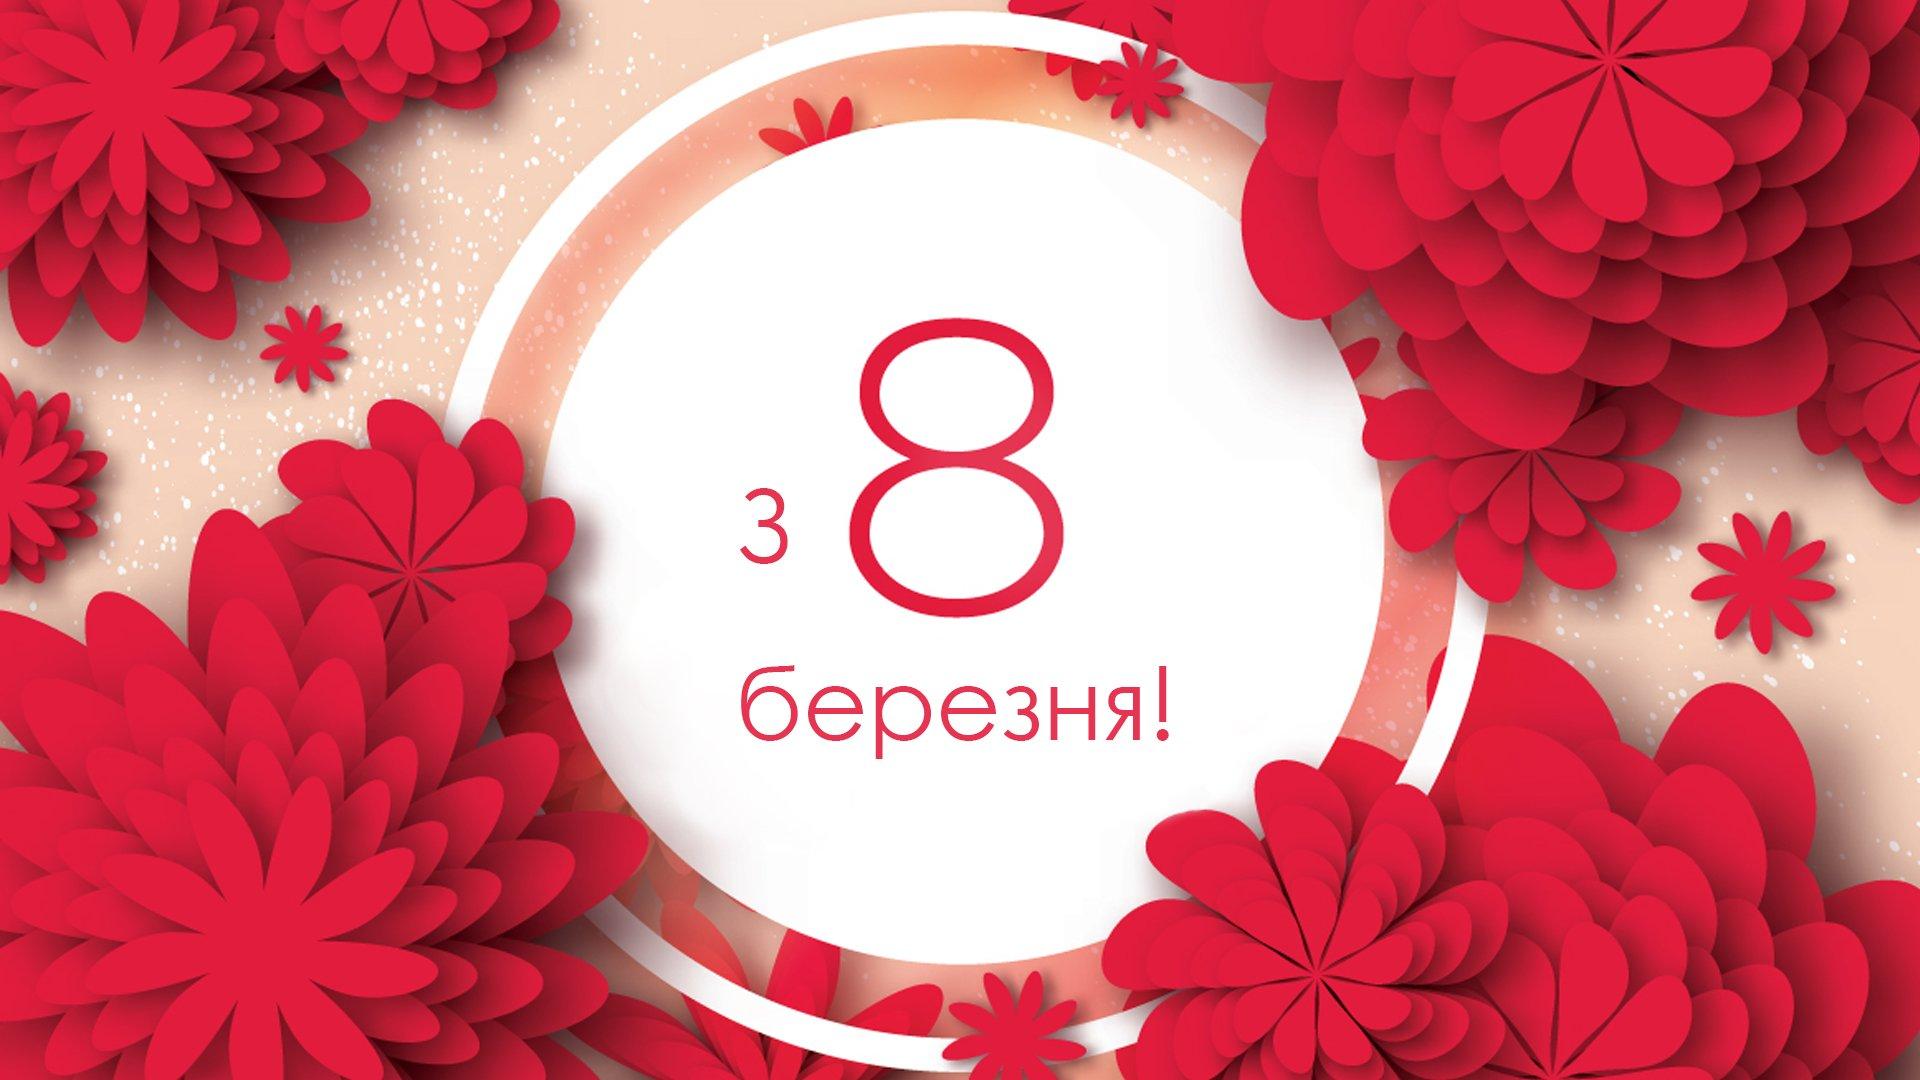 Вихідні у березні: скільки відпочиватимуть українці